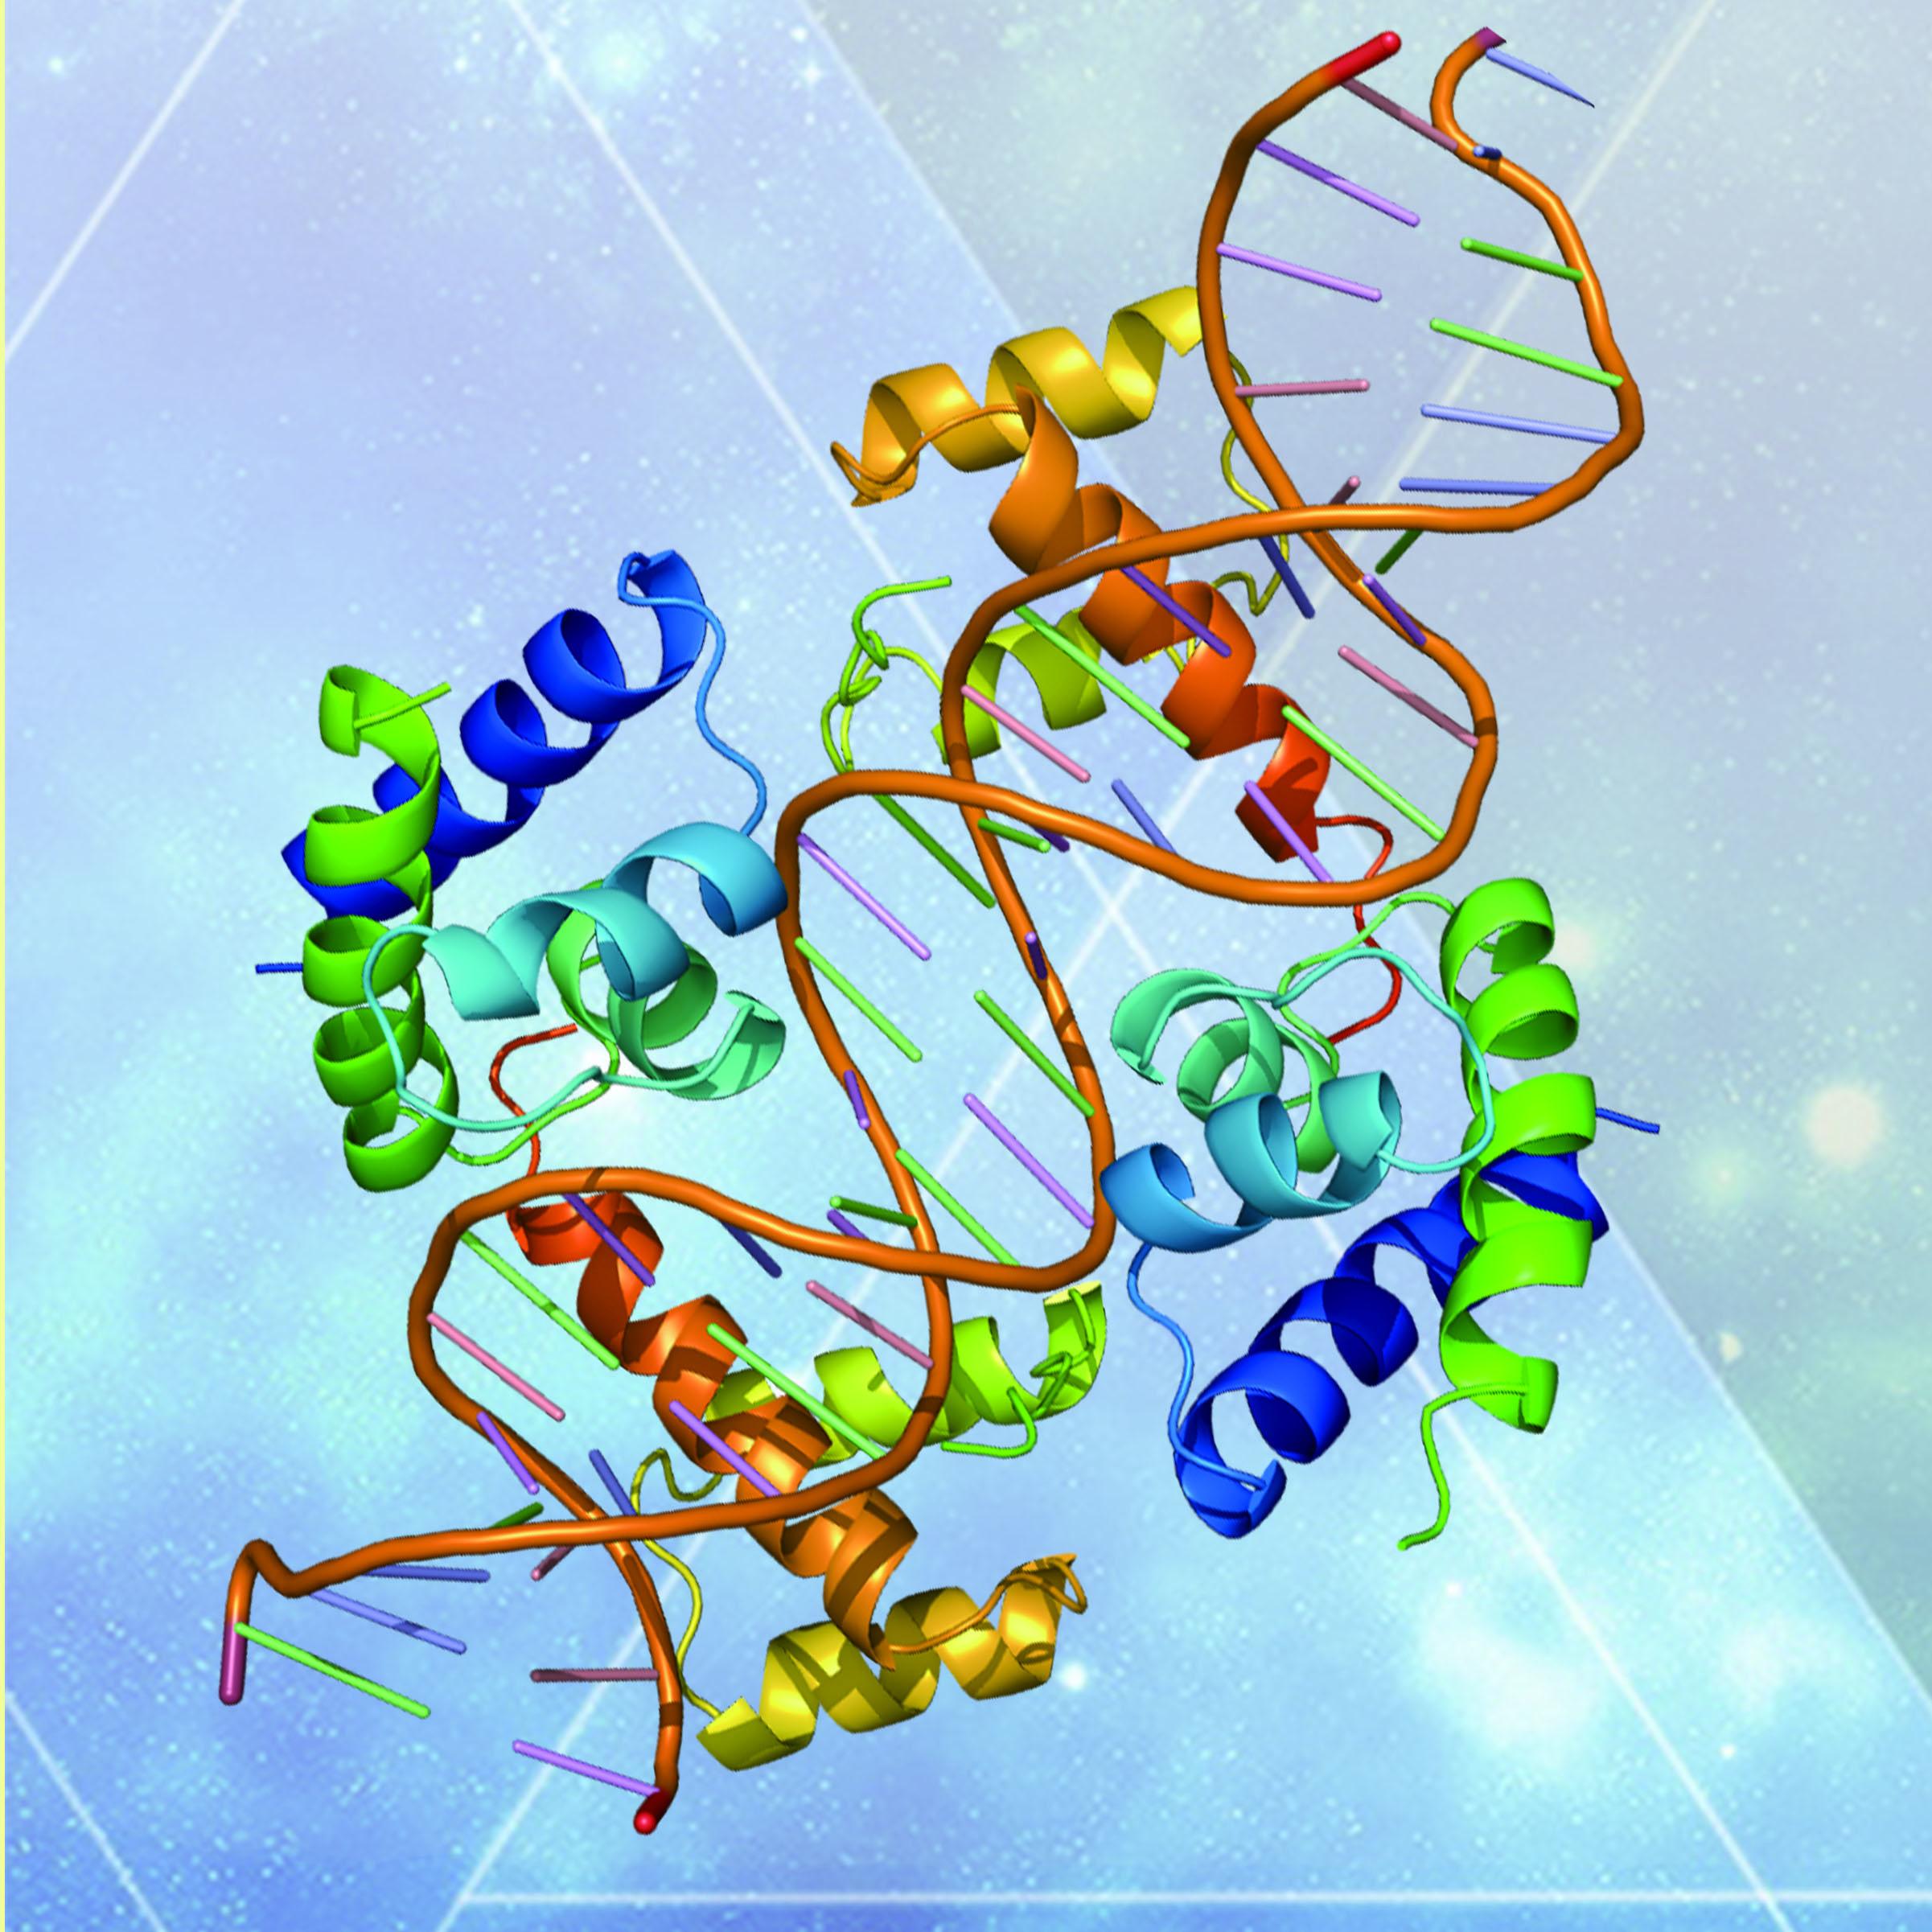 ChIP测序 | 核酸-蛋白互作研究